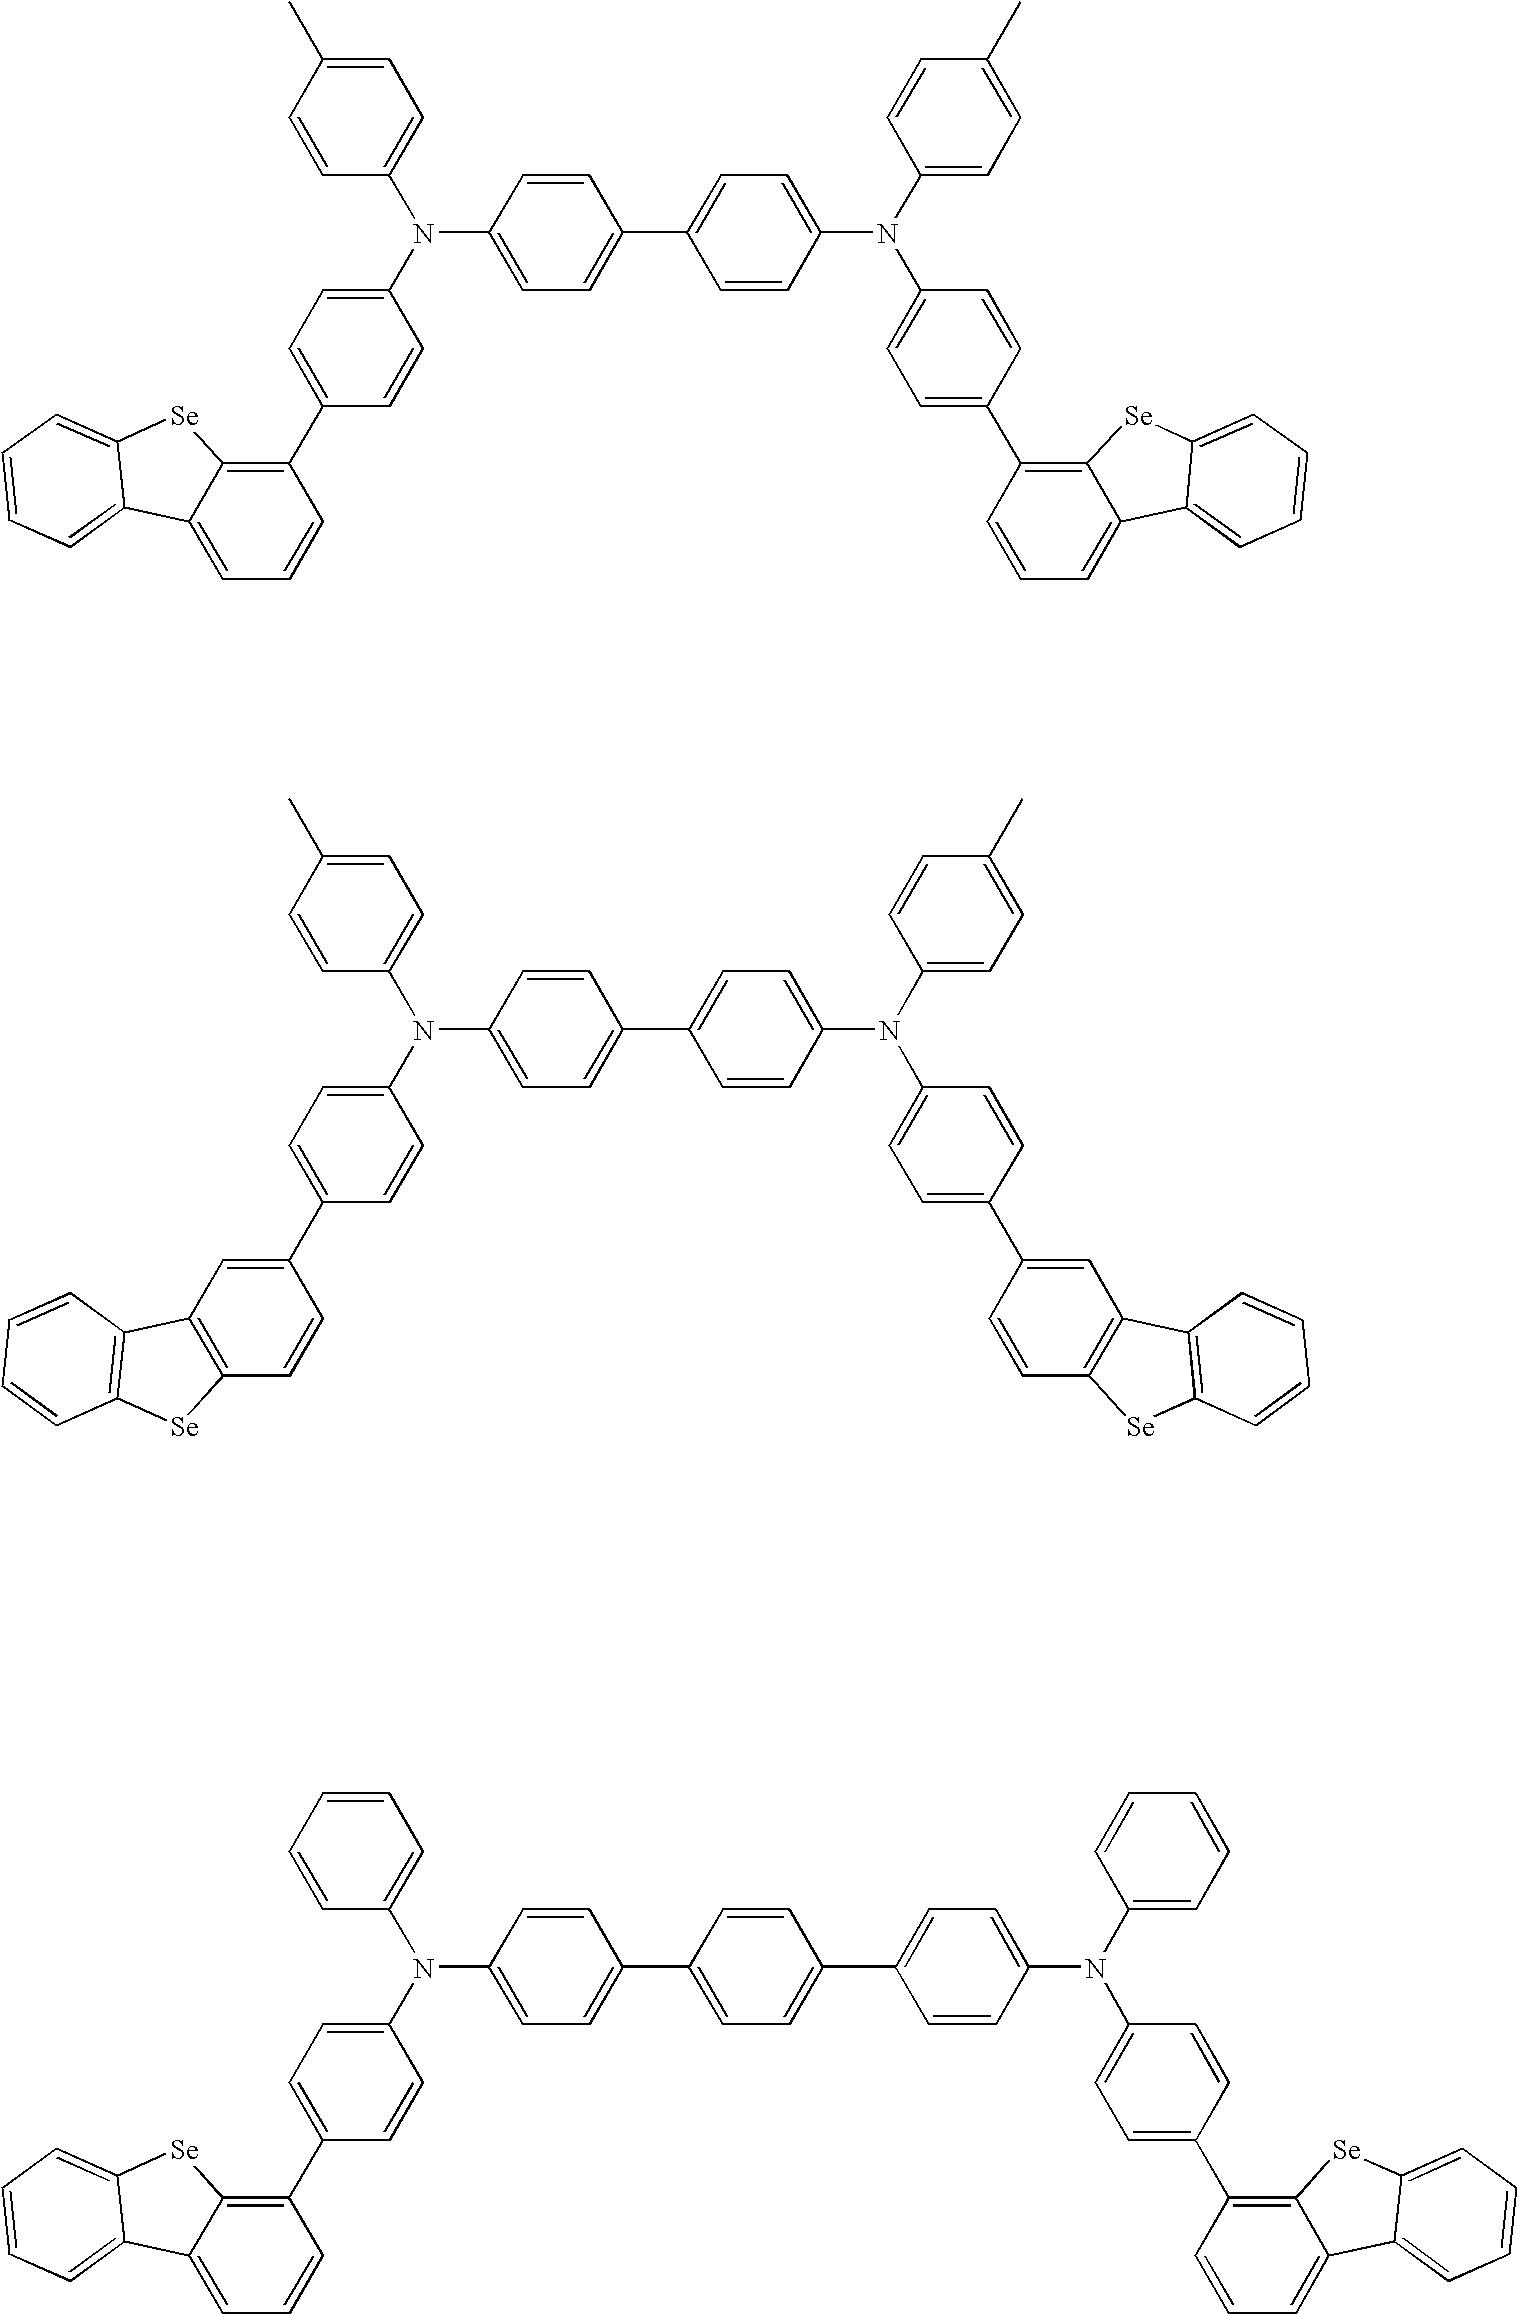 Figure US20100072887A1-20100325-C00015